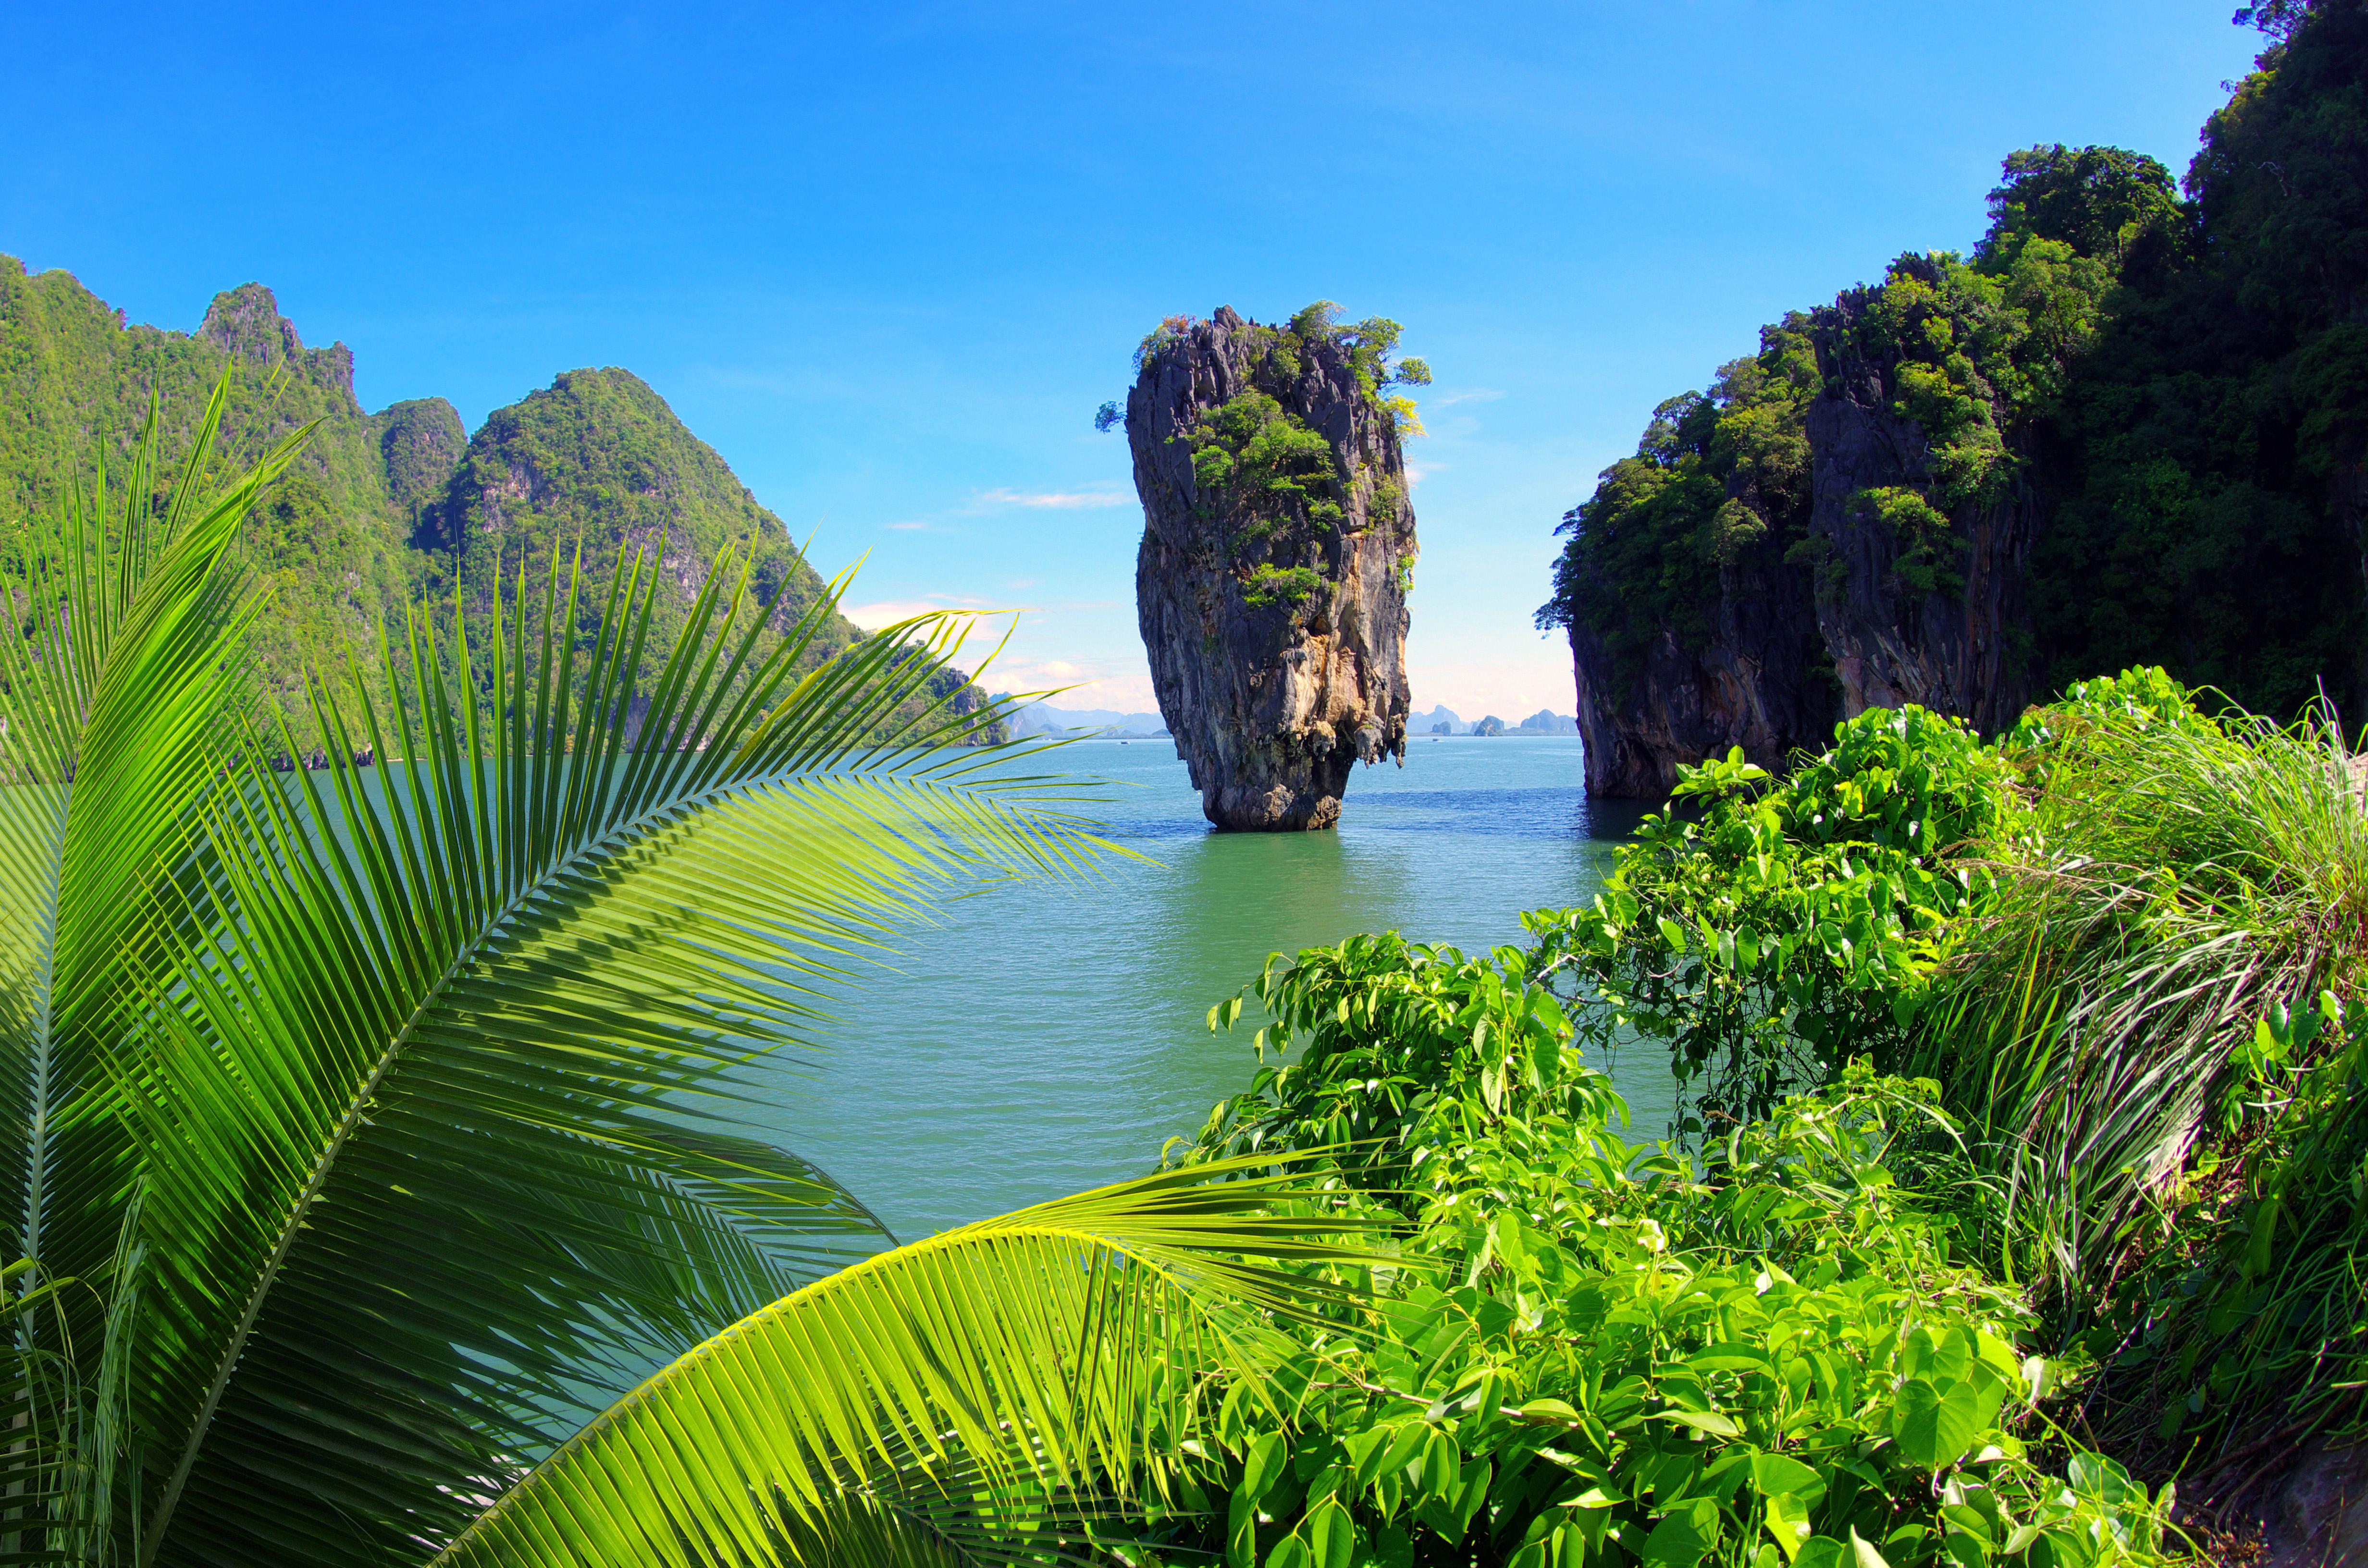 Таиланд возглавил рейтинг самых безопасных направлений для путешествий